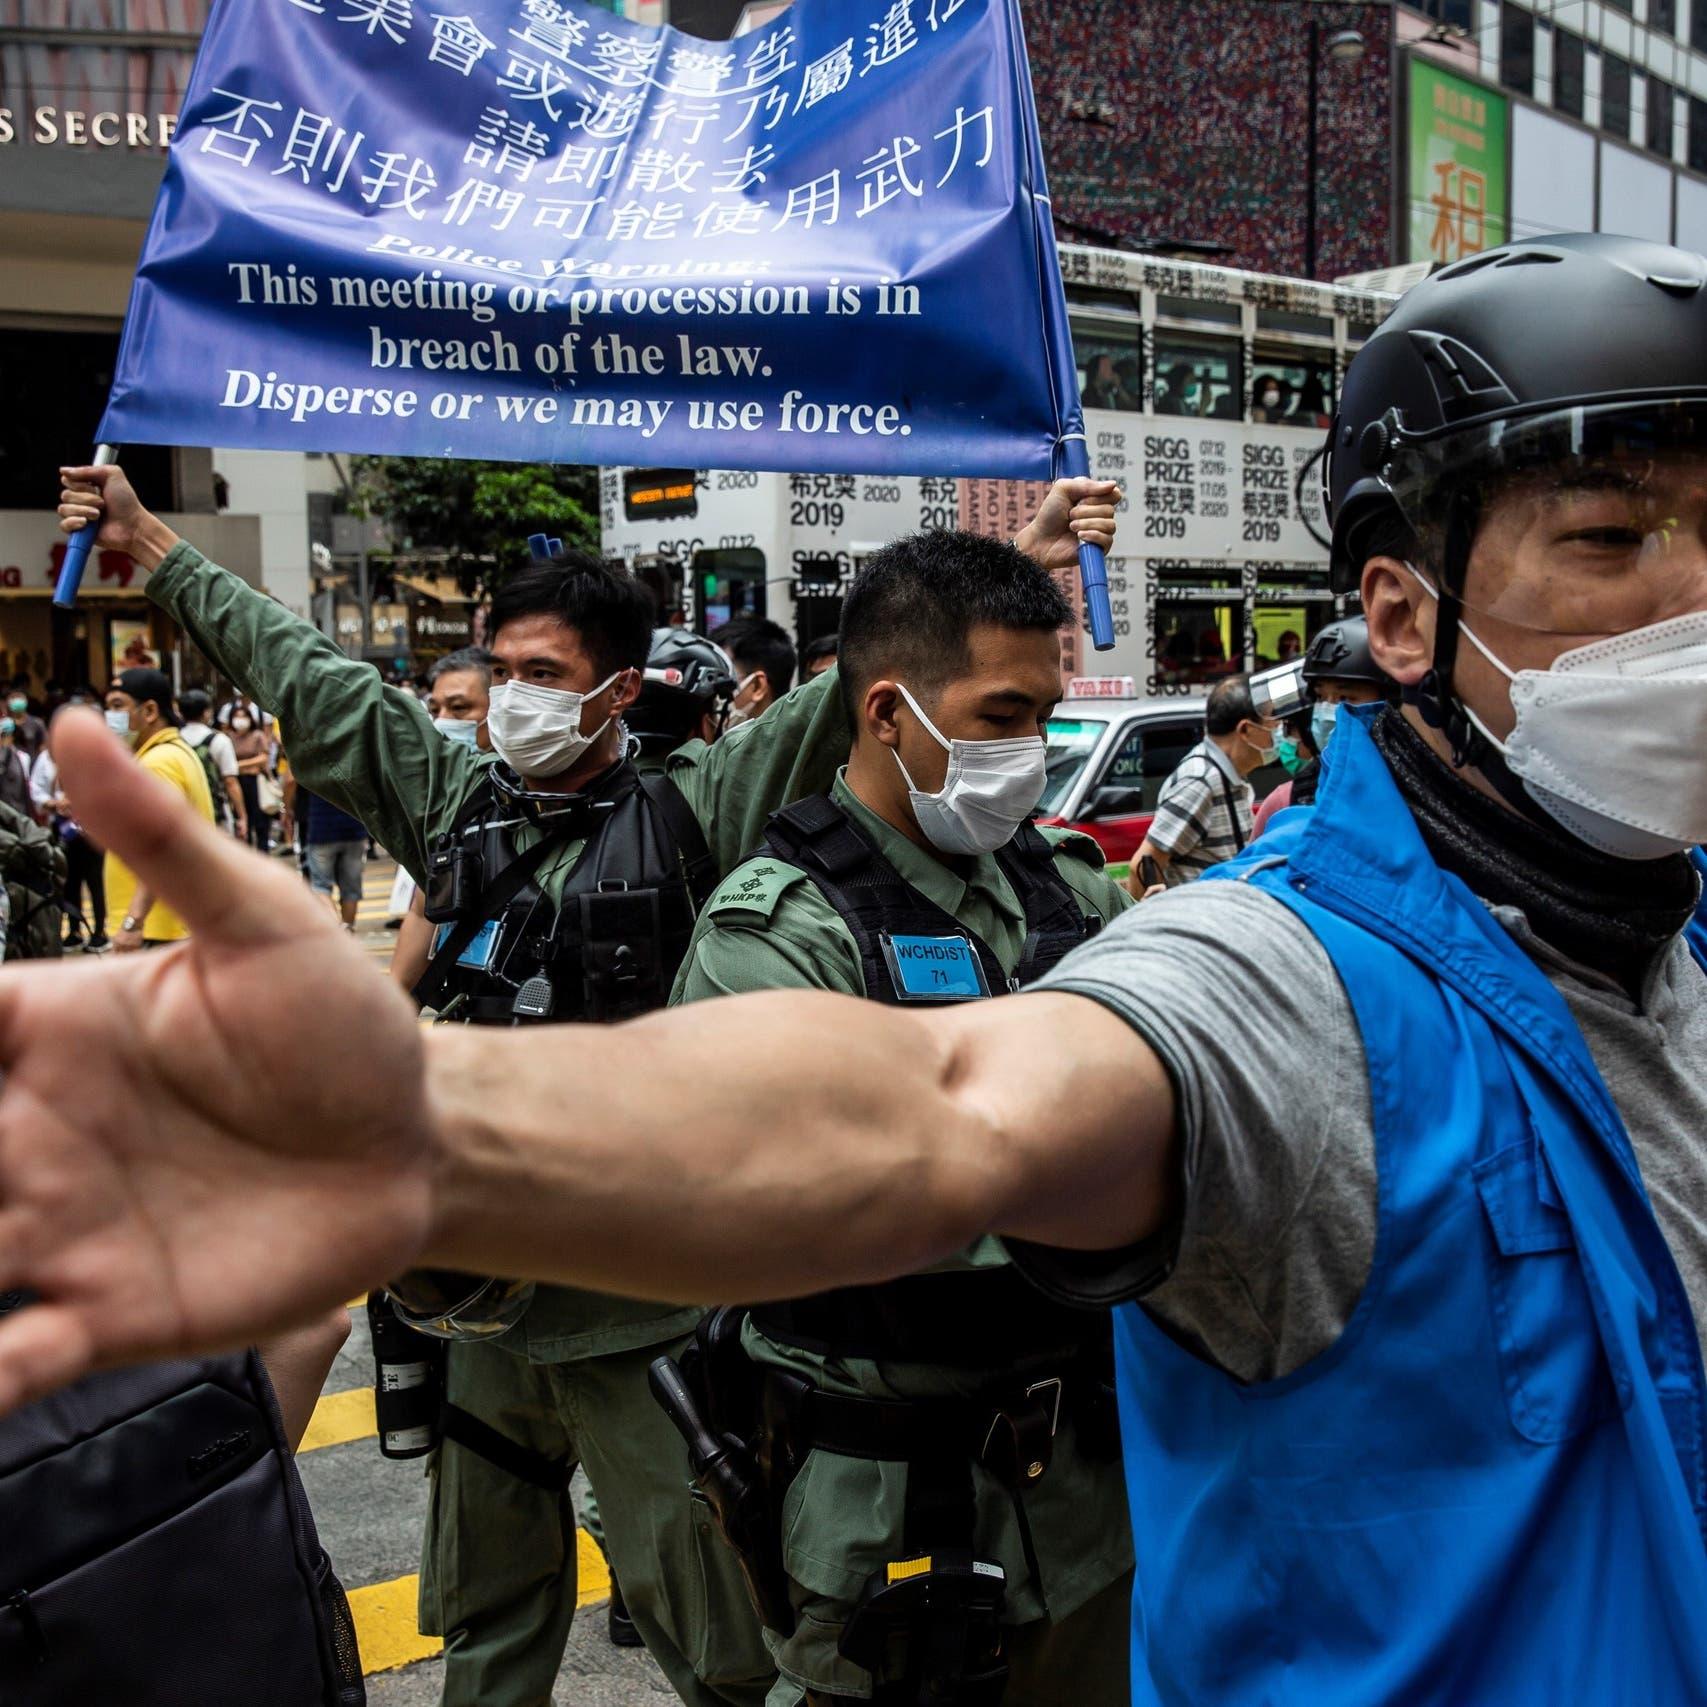 رغم سيف العقوبات.. الصين تصعّد وتقر قانون هونغ كونغ